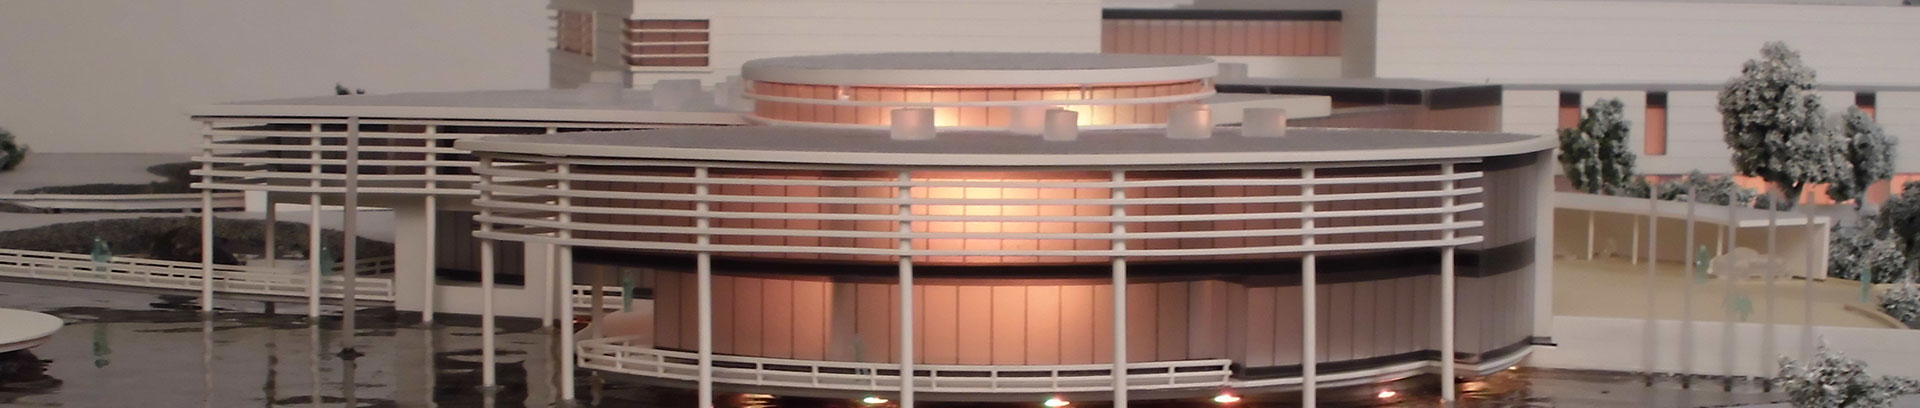 Praesentationsmodell Zaltech Zentrale